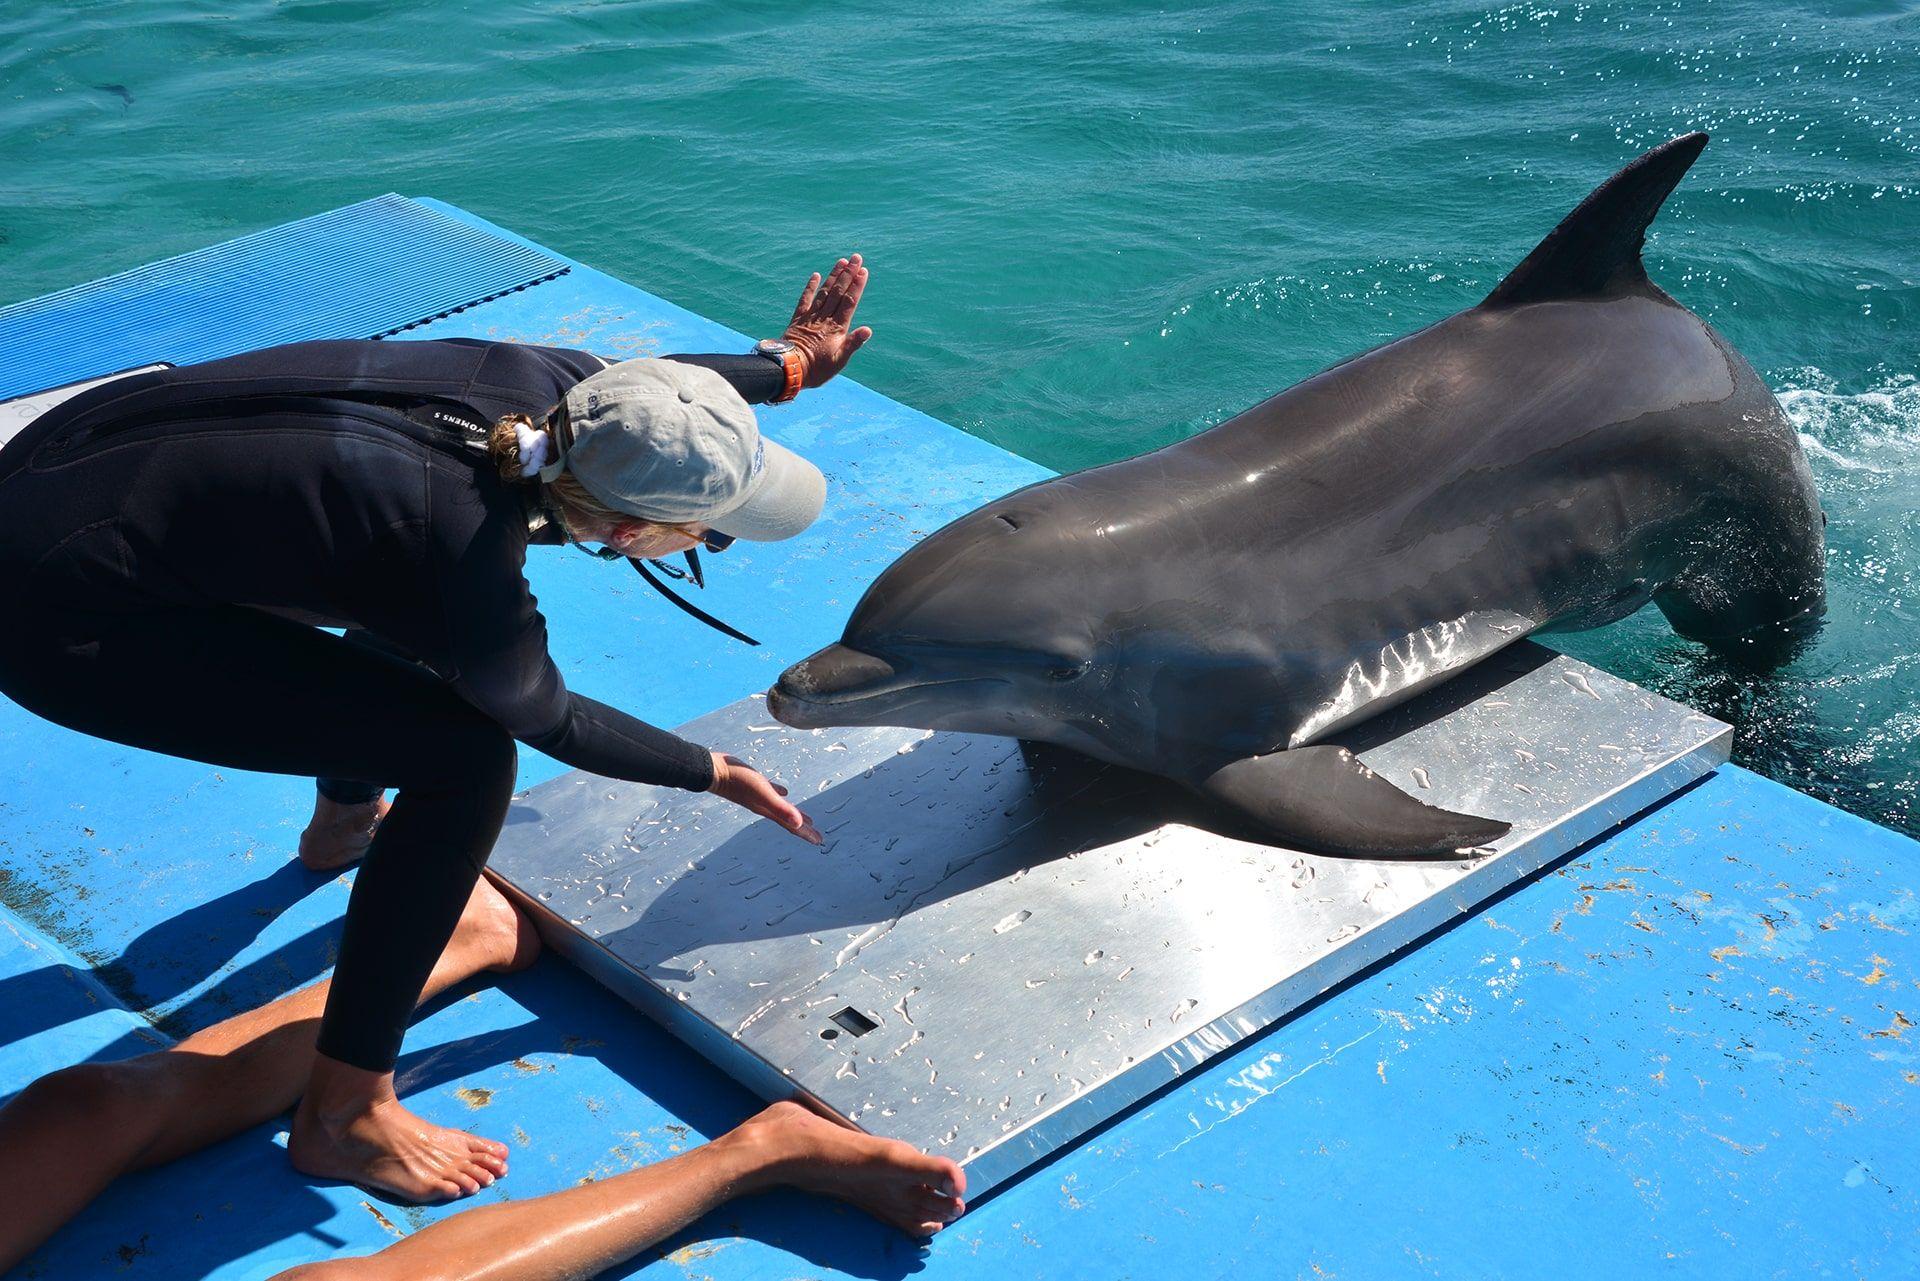 Een trainer op de dolphin academy op Curaçao traint de dolfijn.